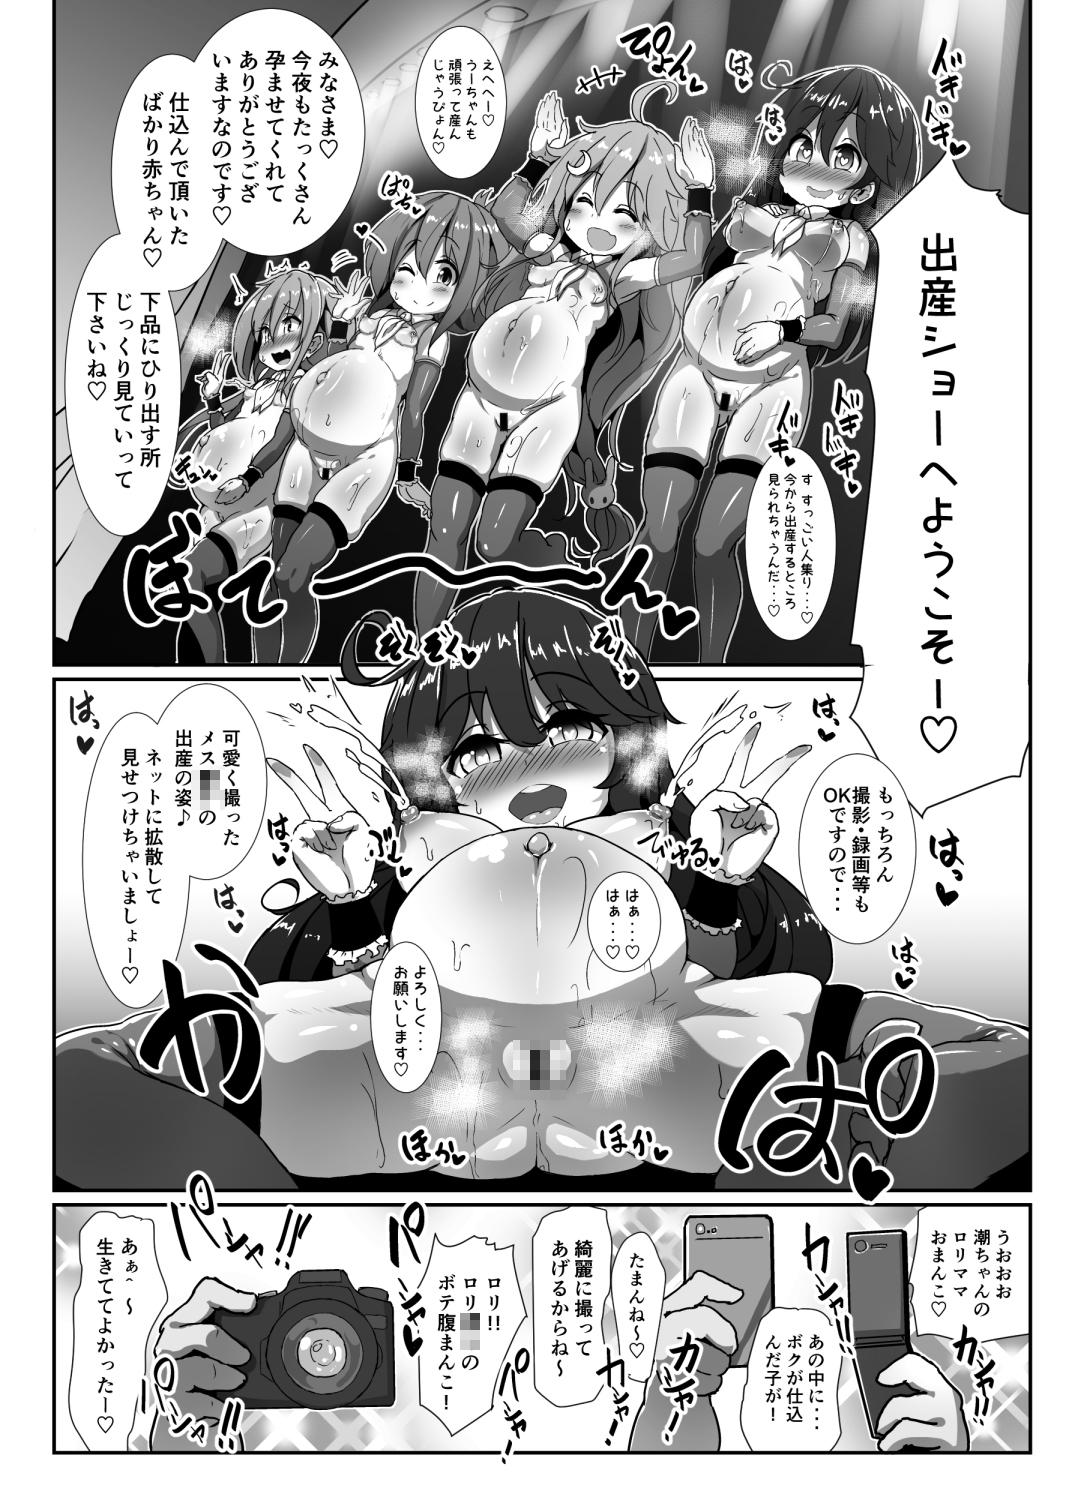 子作り鎮守府〜メス〇キ艦〇の子宮で楽しくオナホを作って遊ぼう♪〜のサンプル画像2